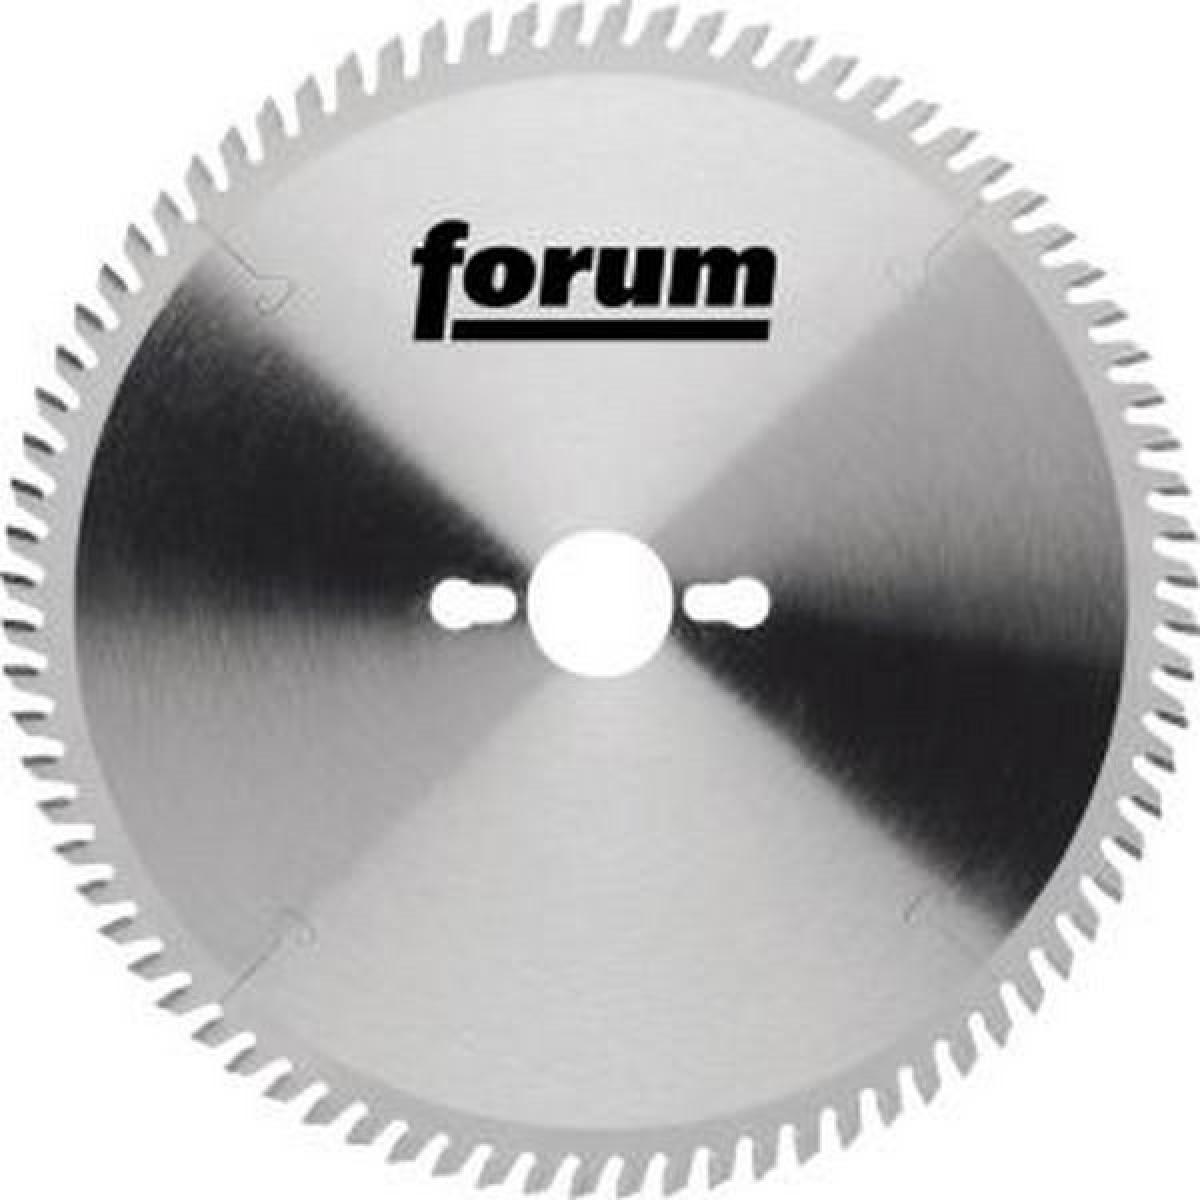 Forum Lame de scie circulaire, Ø : 160 mm, Larg. : 2,8 mm, Alésage 20 mm, Perçages secondaires : 2KN, Dents : 24